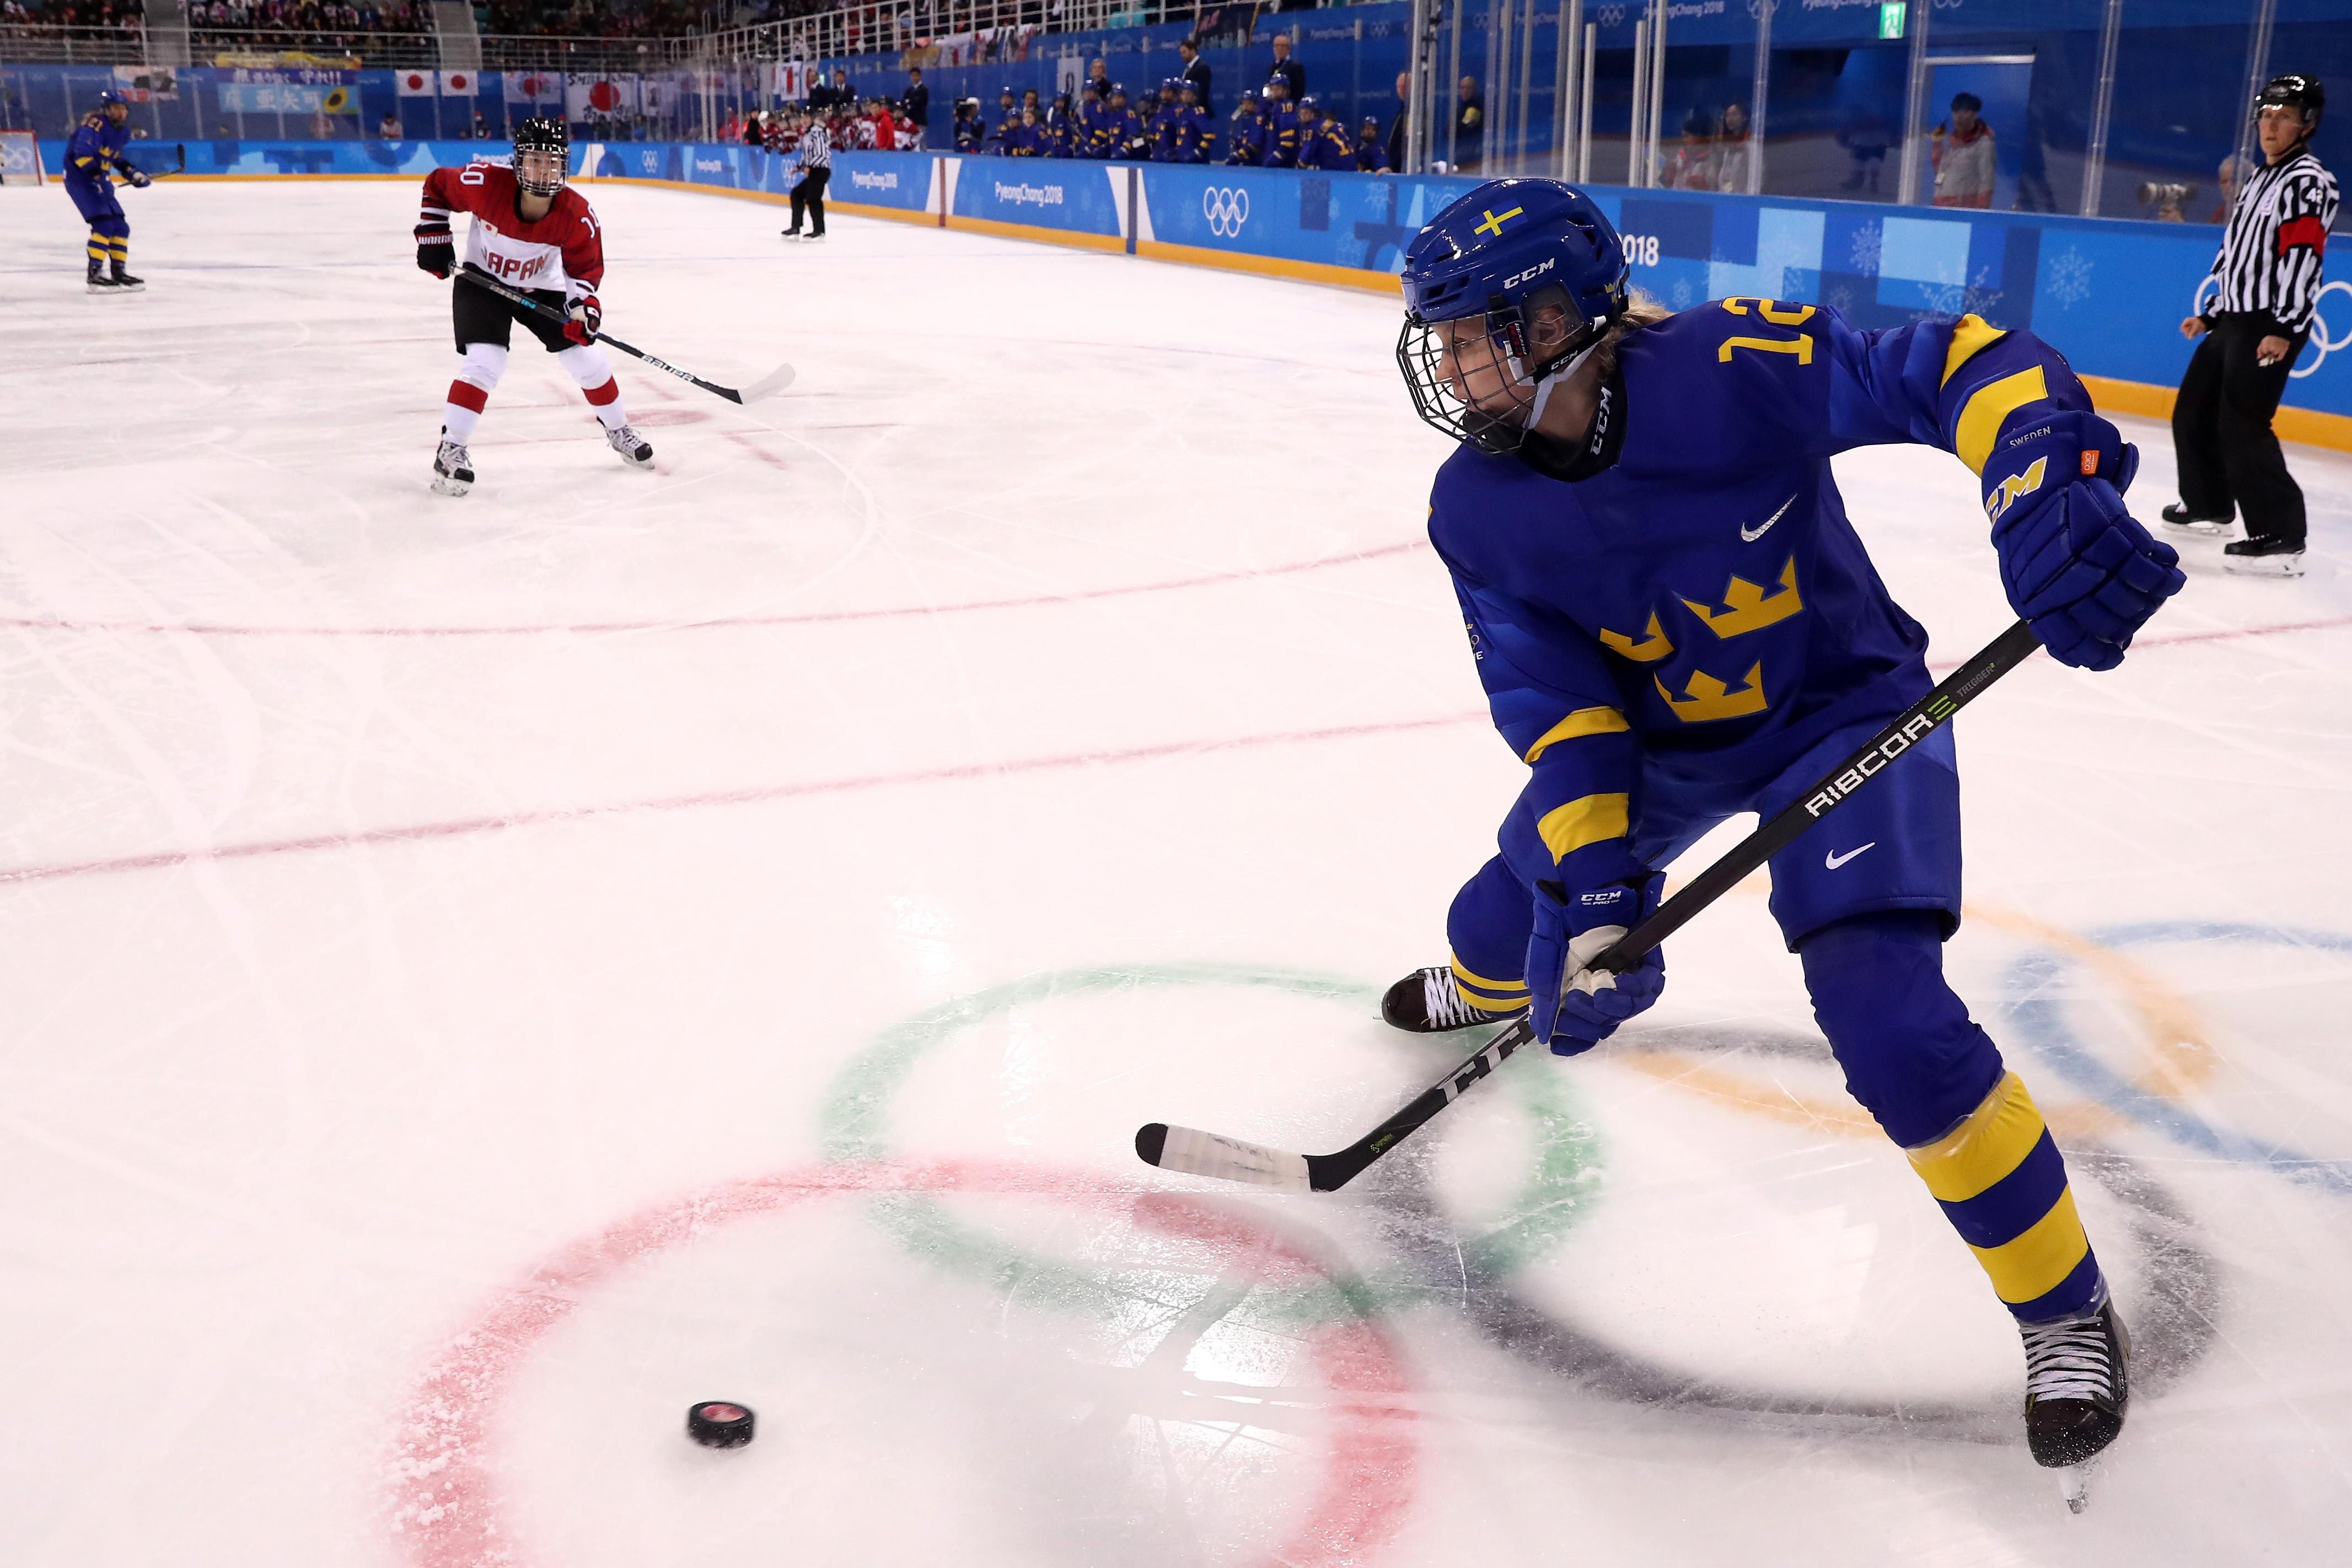 Ice Hockey - Winter Olympics Day 1